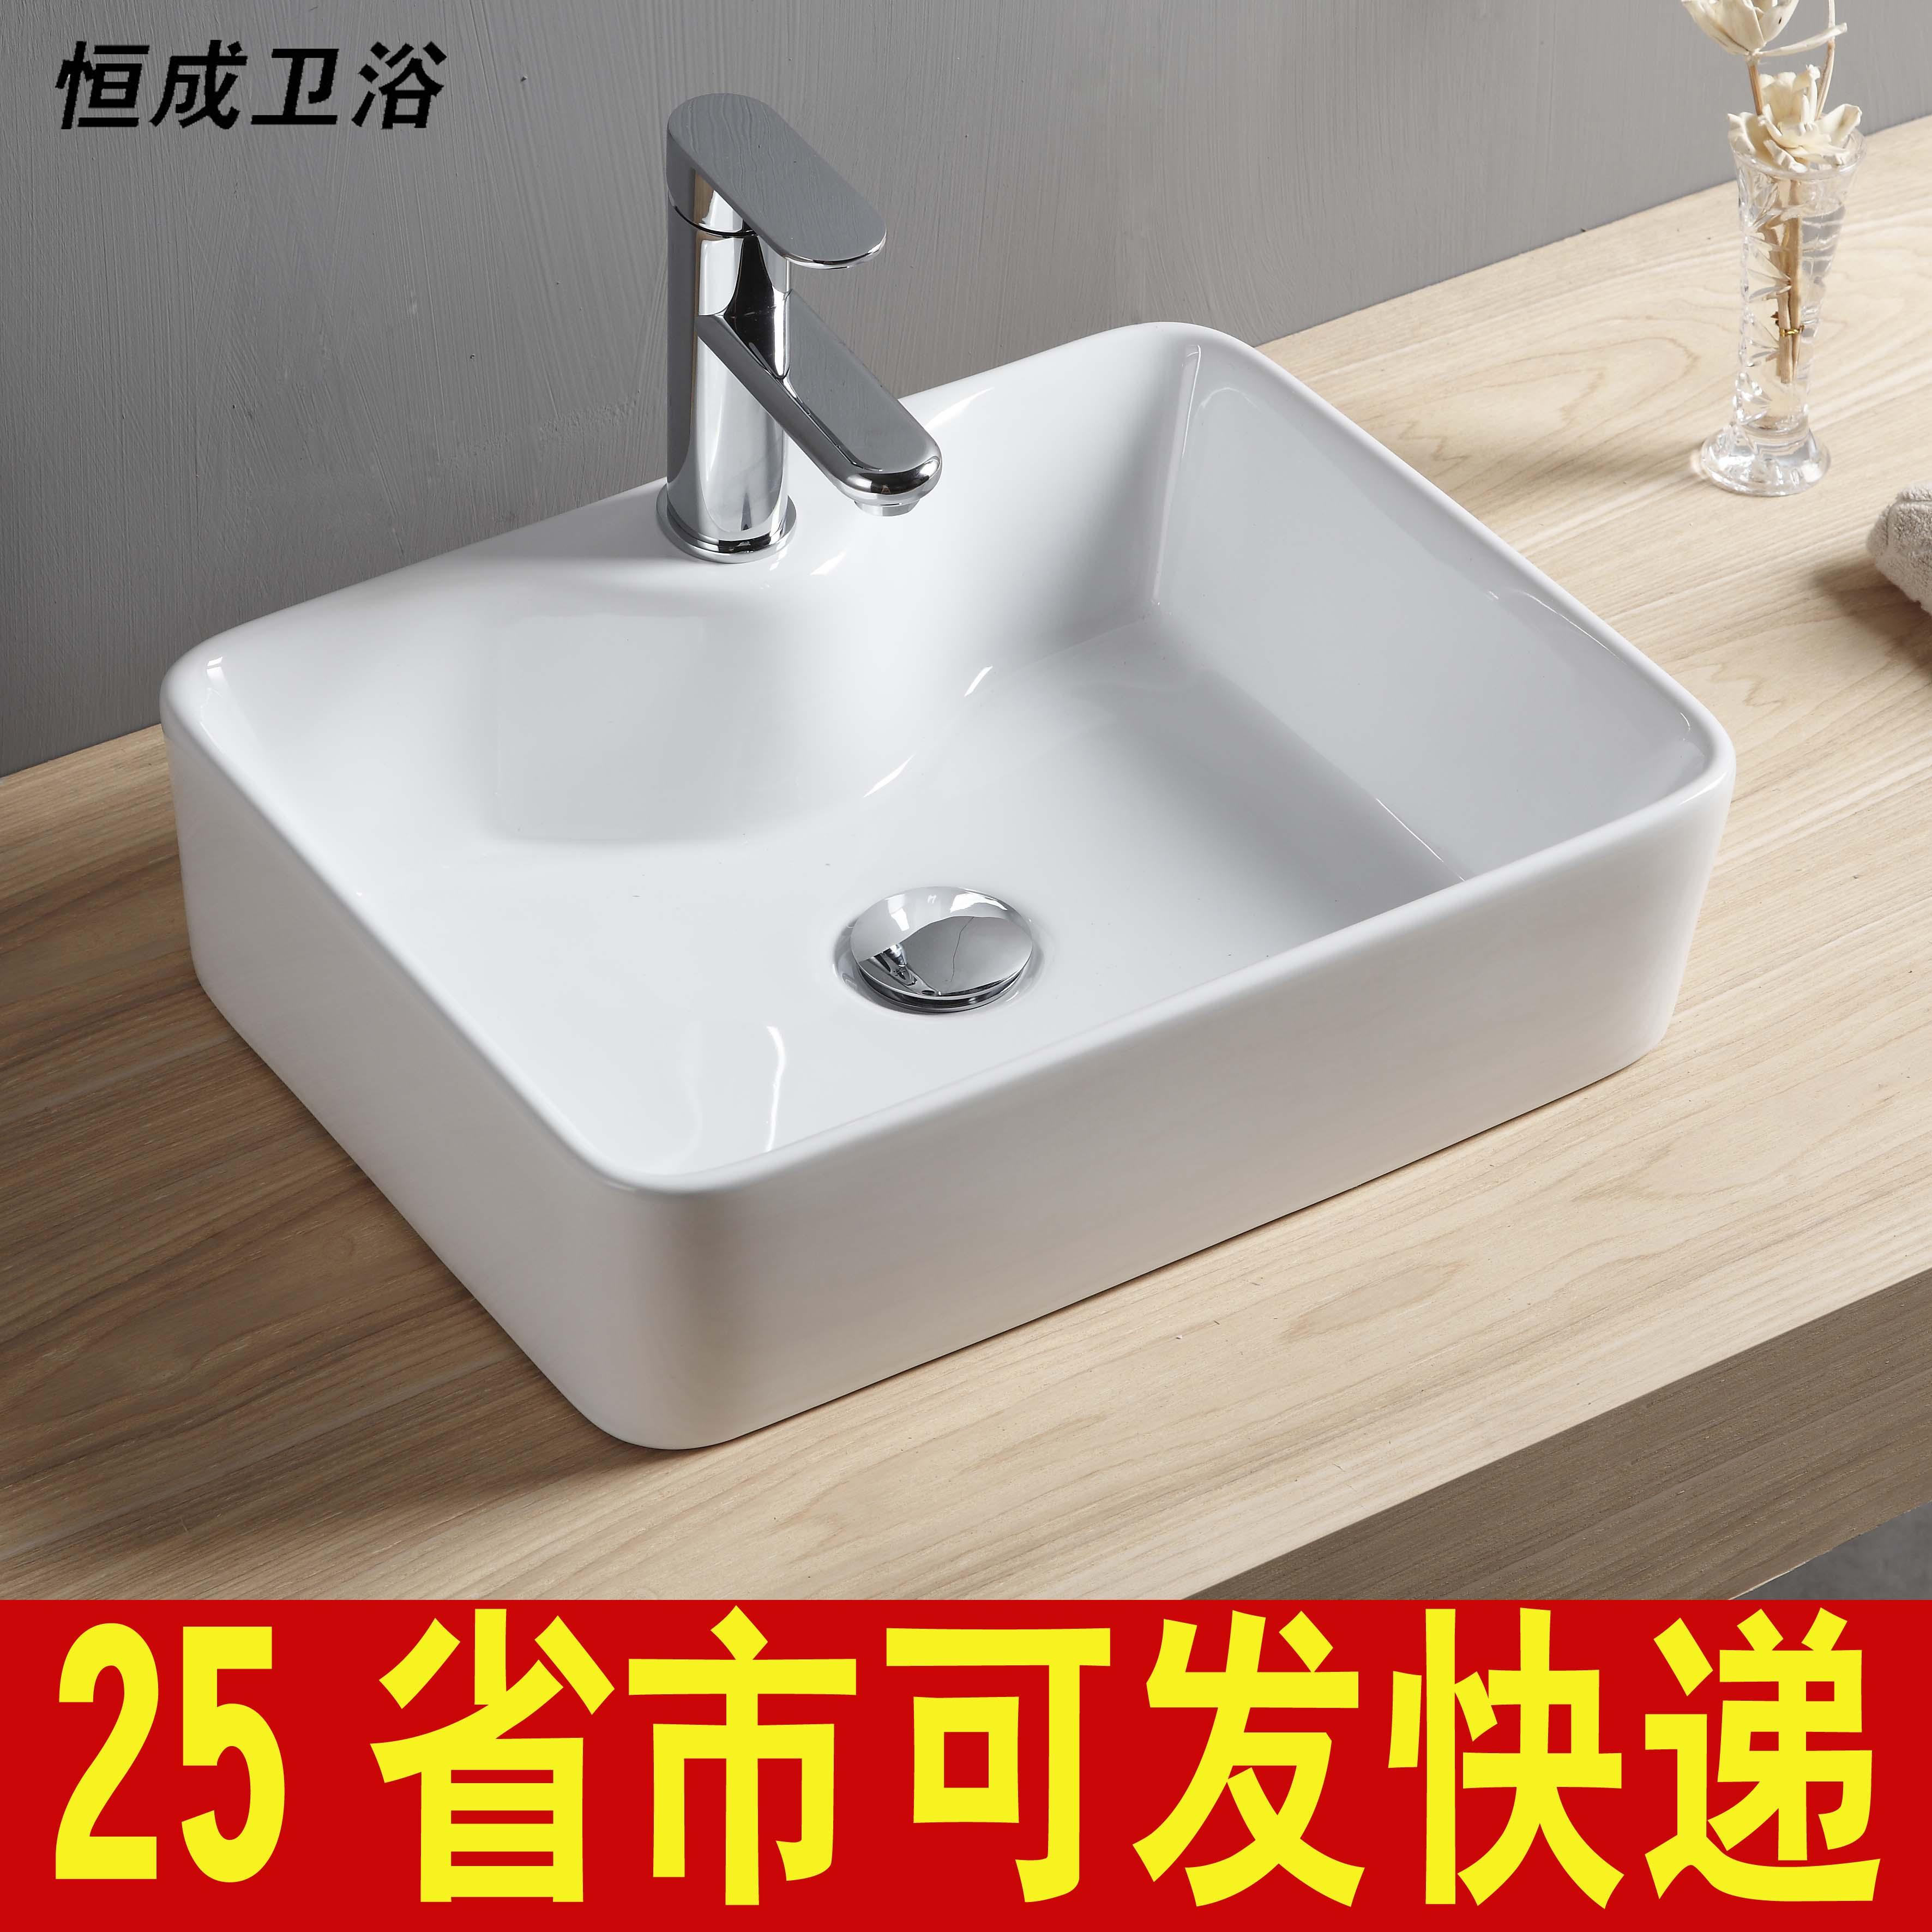 特价卫浴洗脸盆 正品欧式陶瓷抗菌洗手盆 艺术台上盆洗面盆 现货 价格:168.00